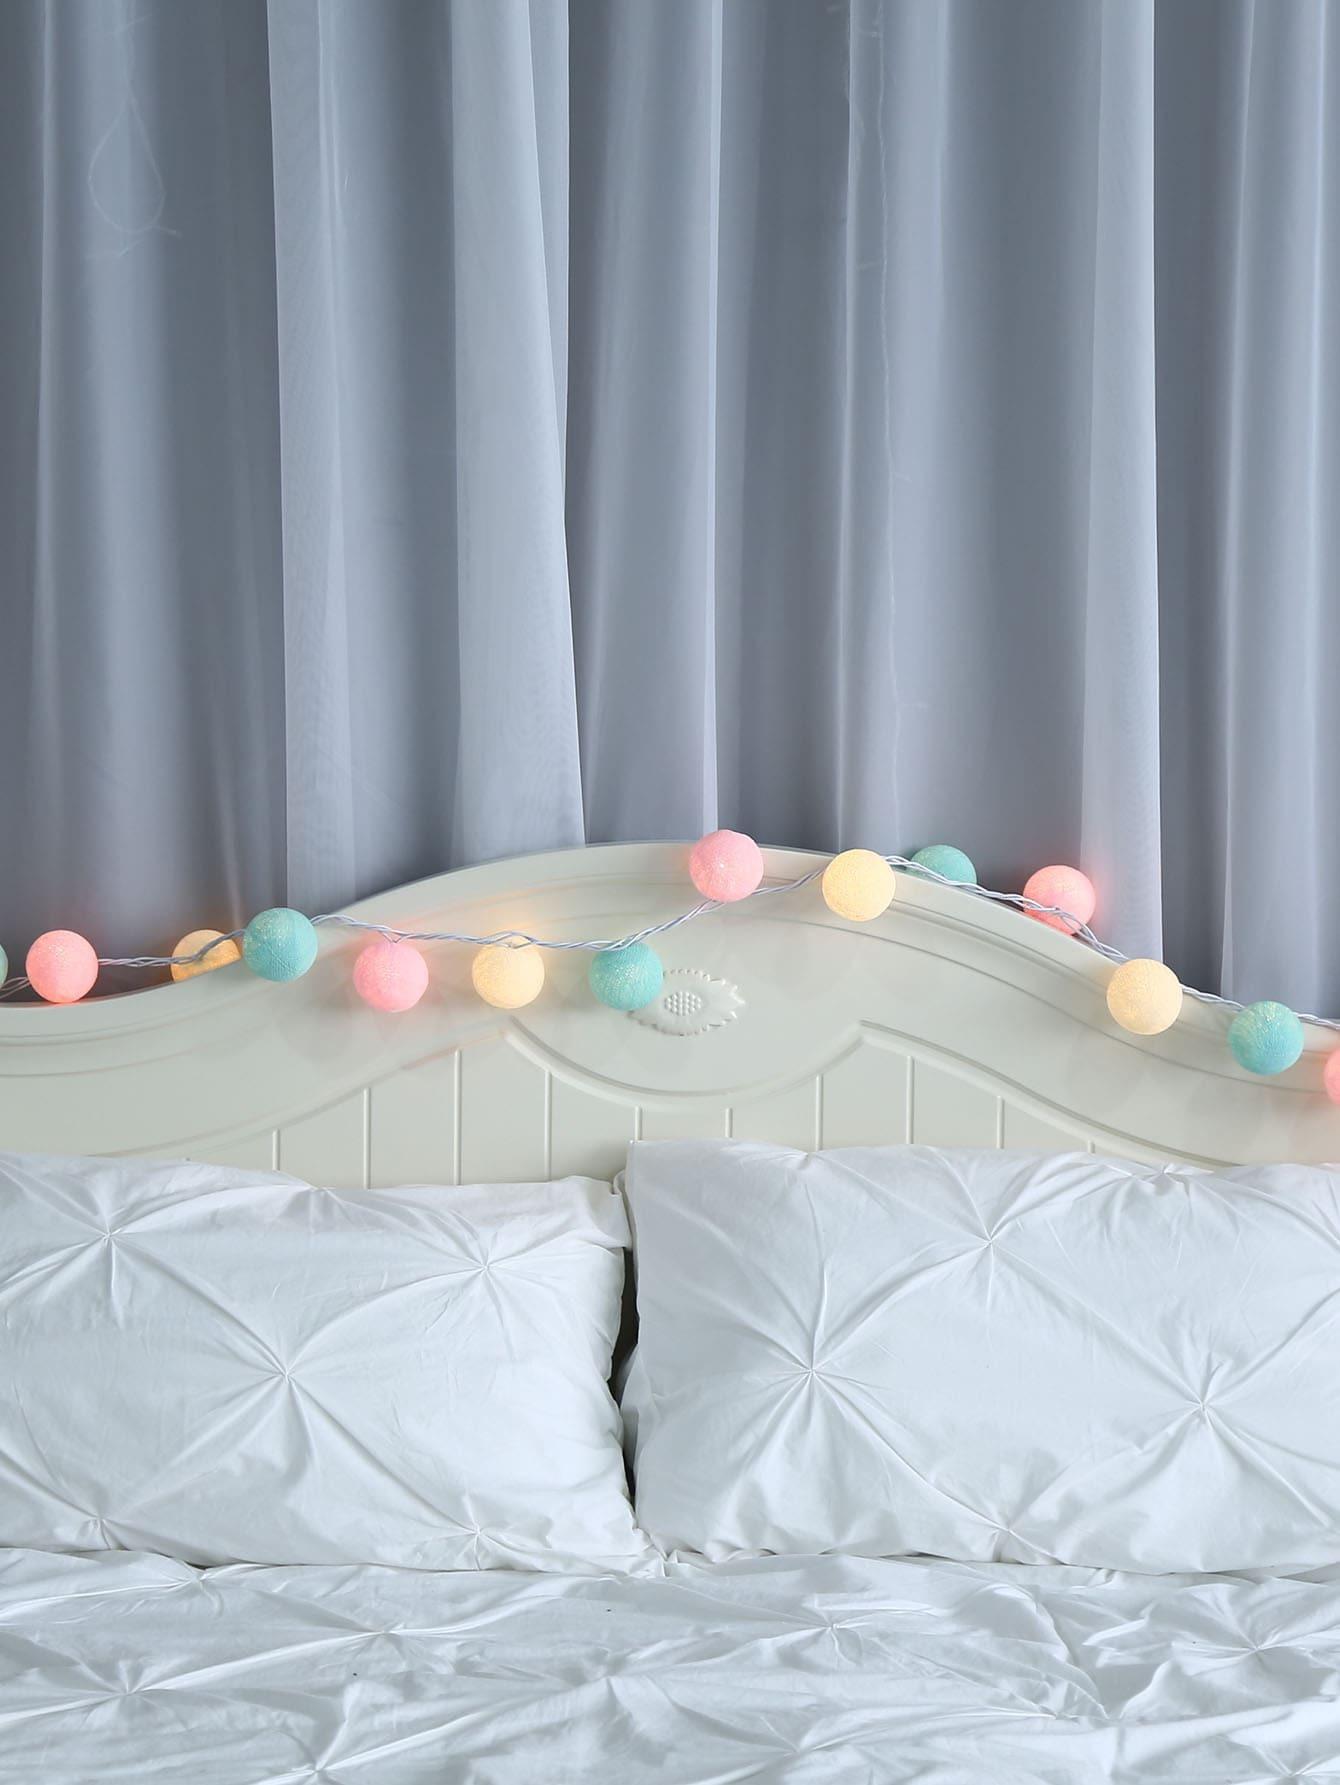 20pcs Ball Bulb String Light